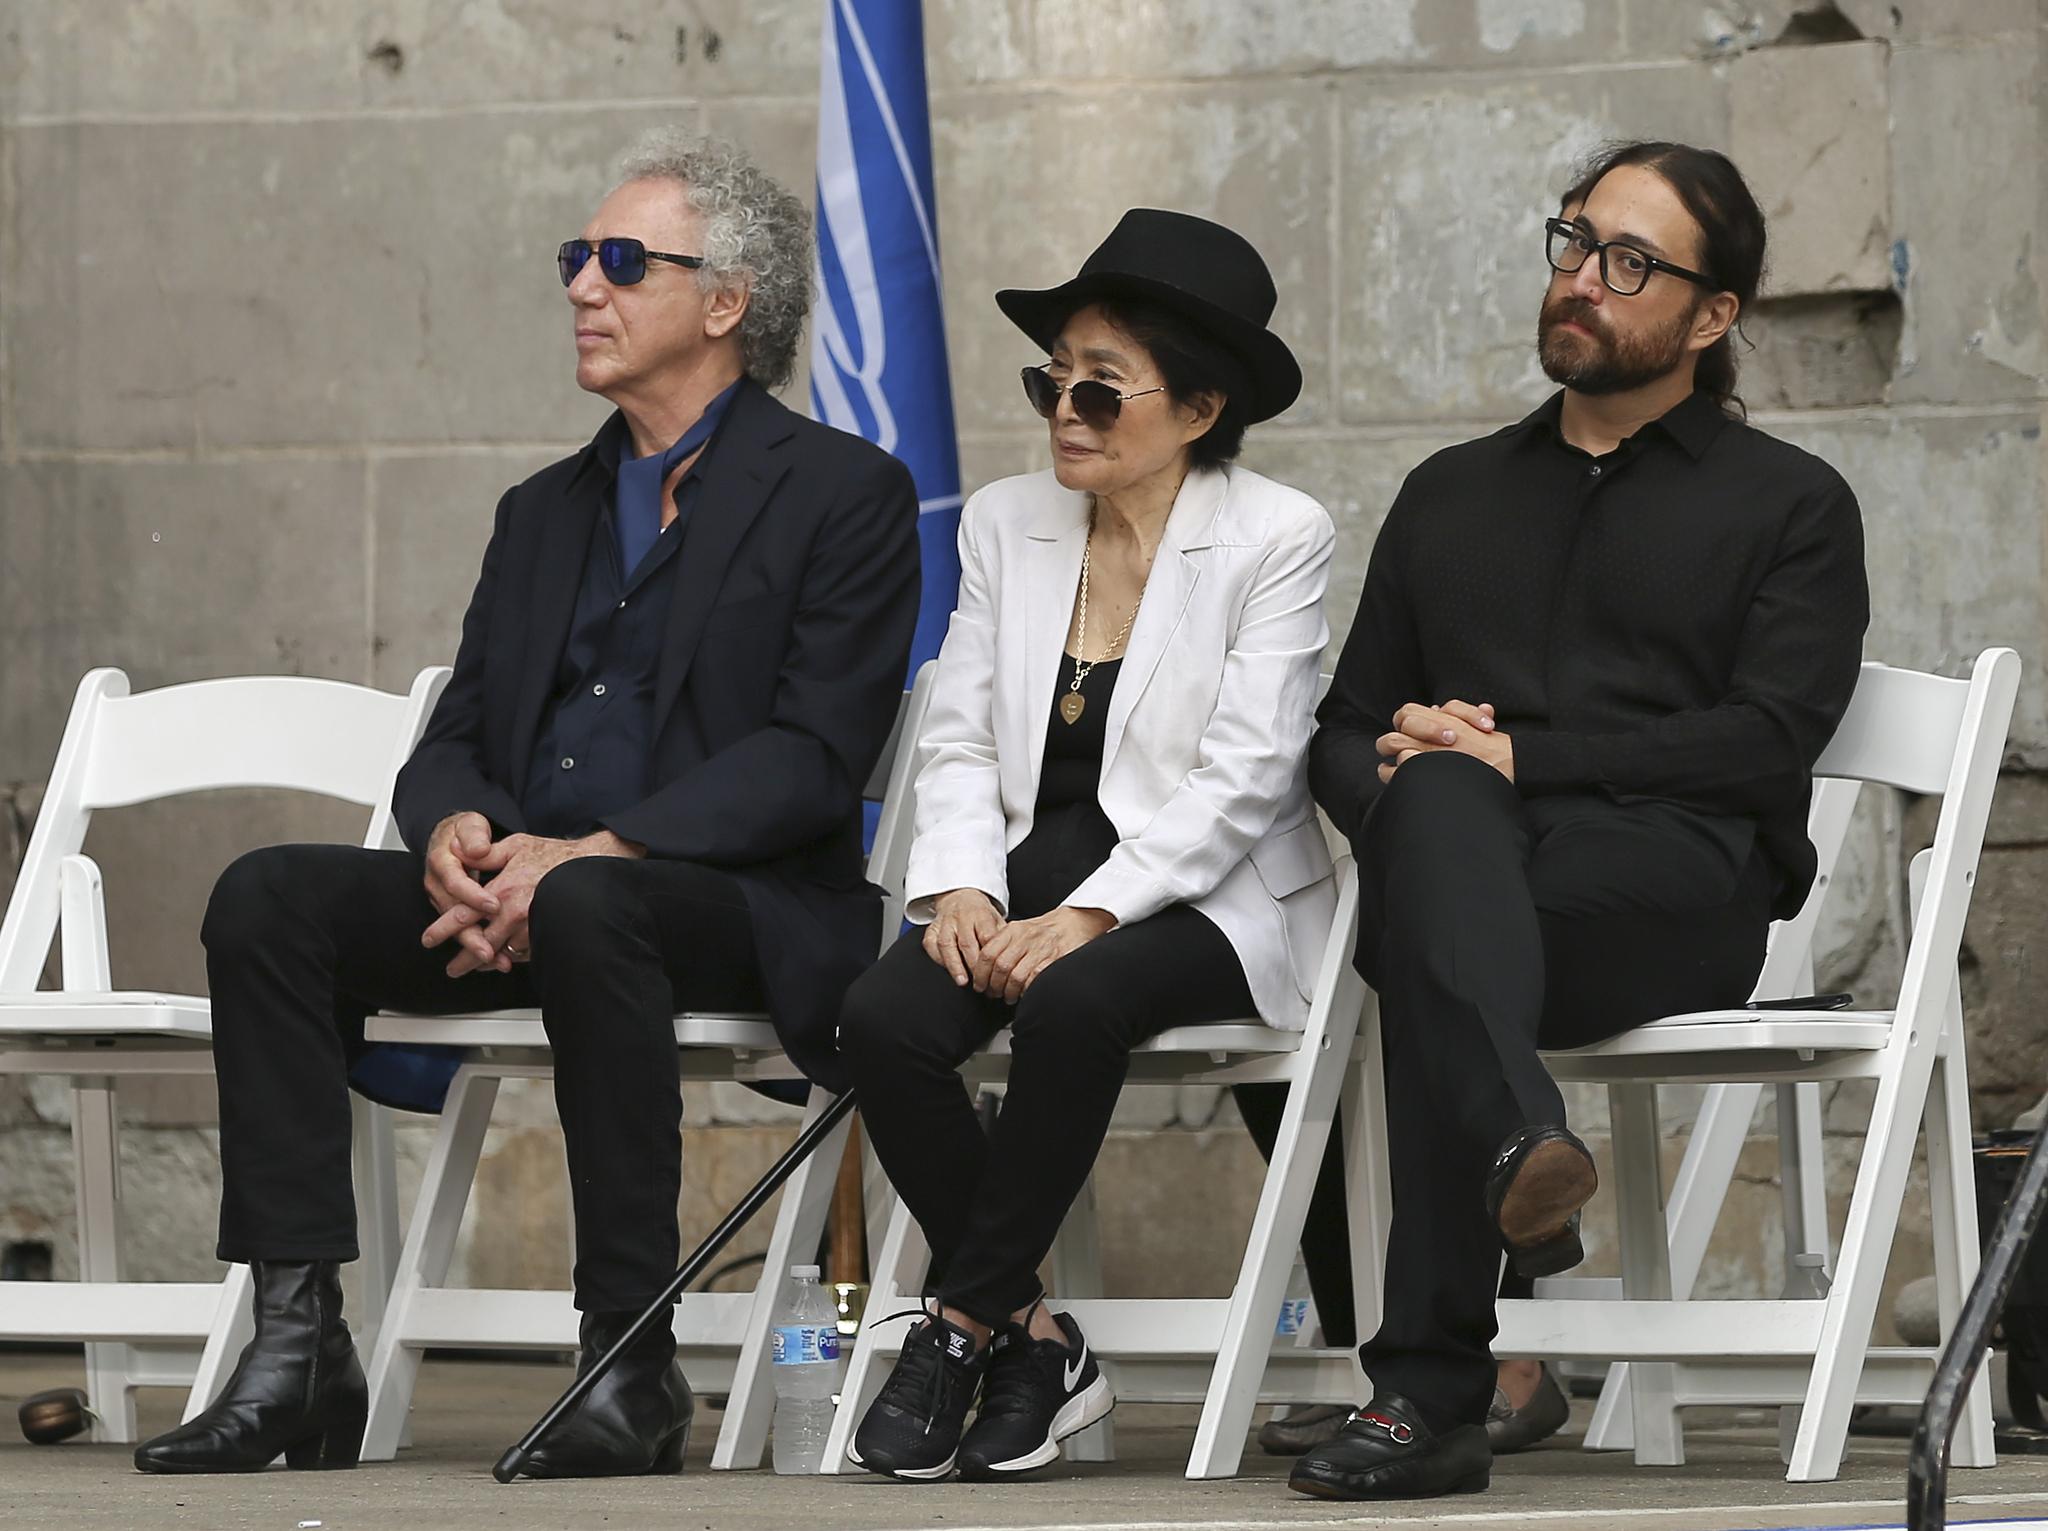 기념식에 참석한 사진작가 밥 그루엔, 존 레논의 아내 오노 요코와 아들 숀 레논(왼쪽부터). [AP=연합뉴스]